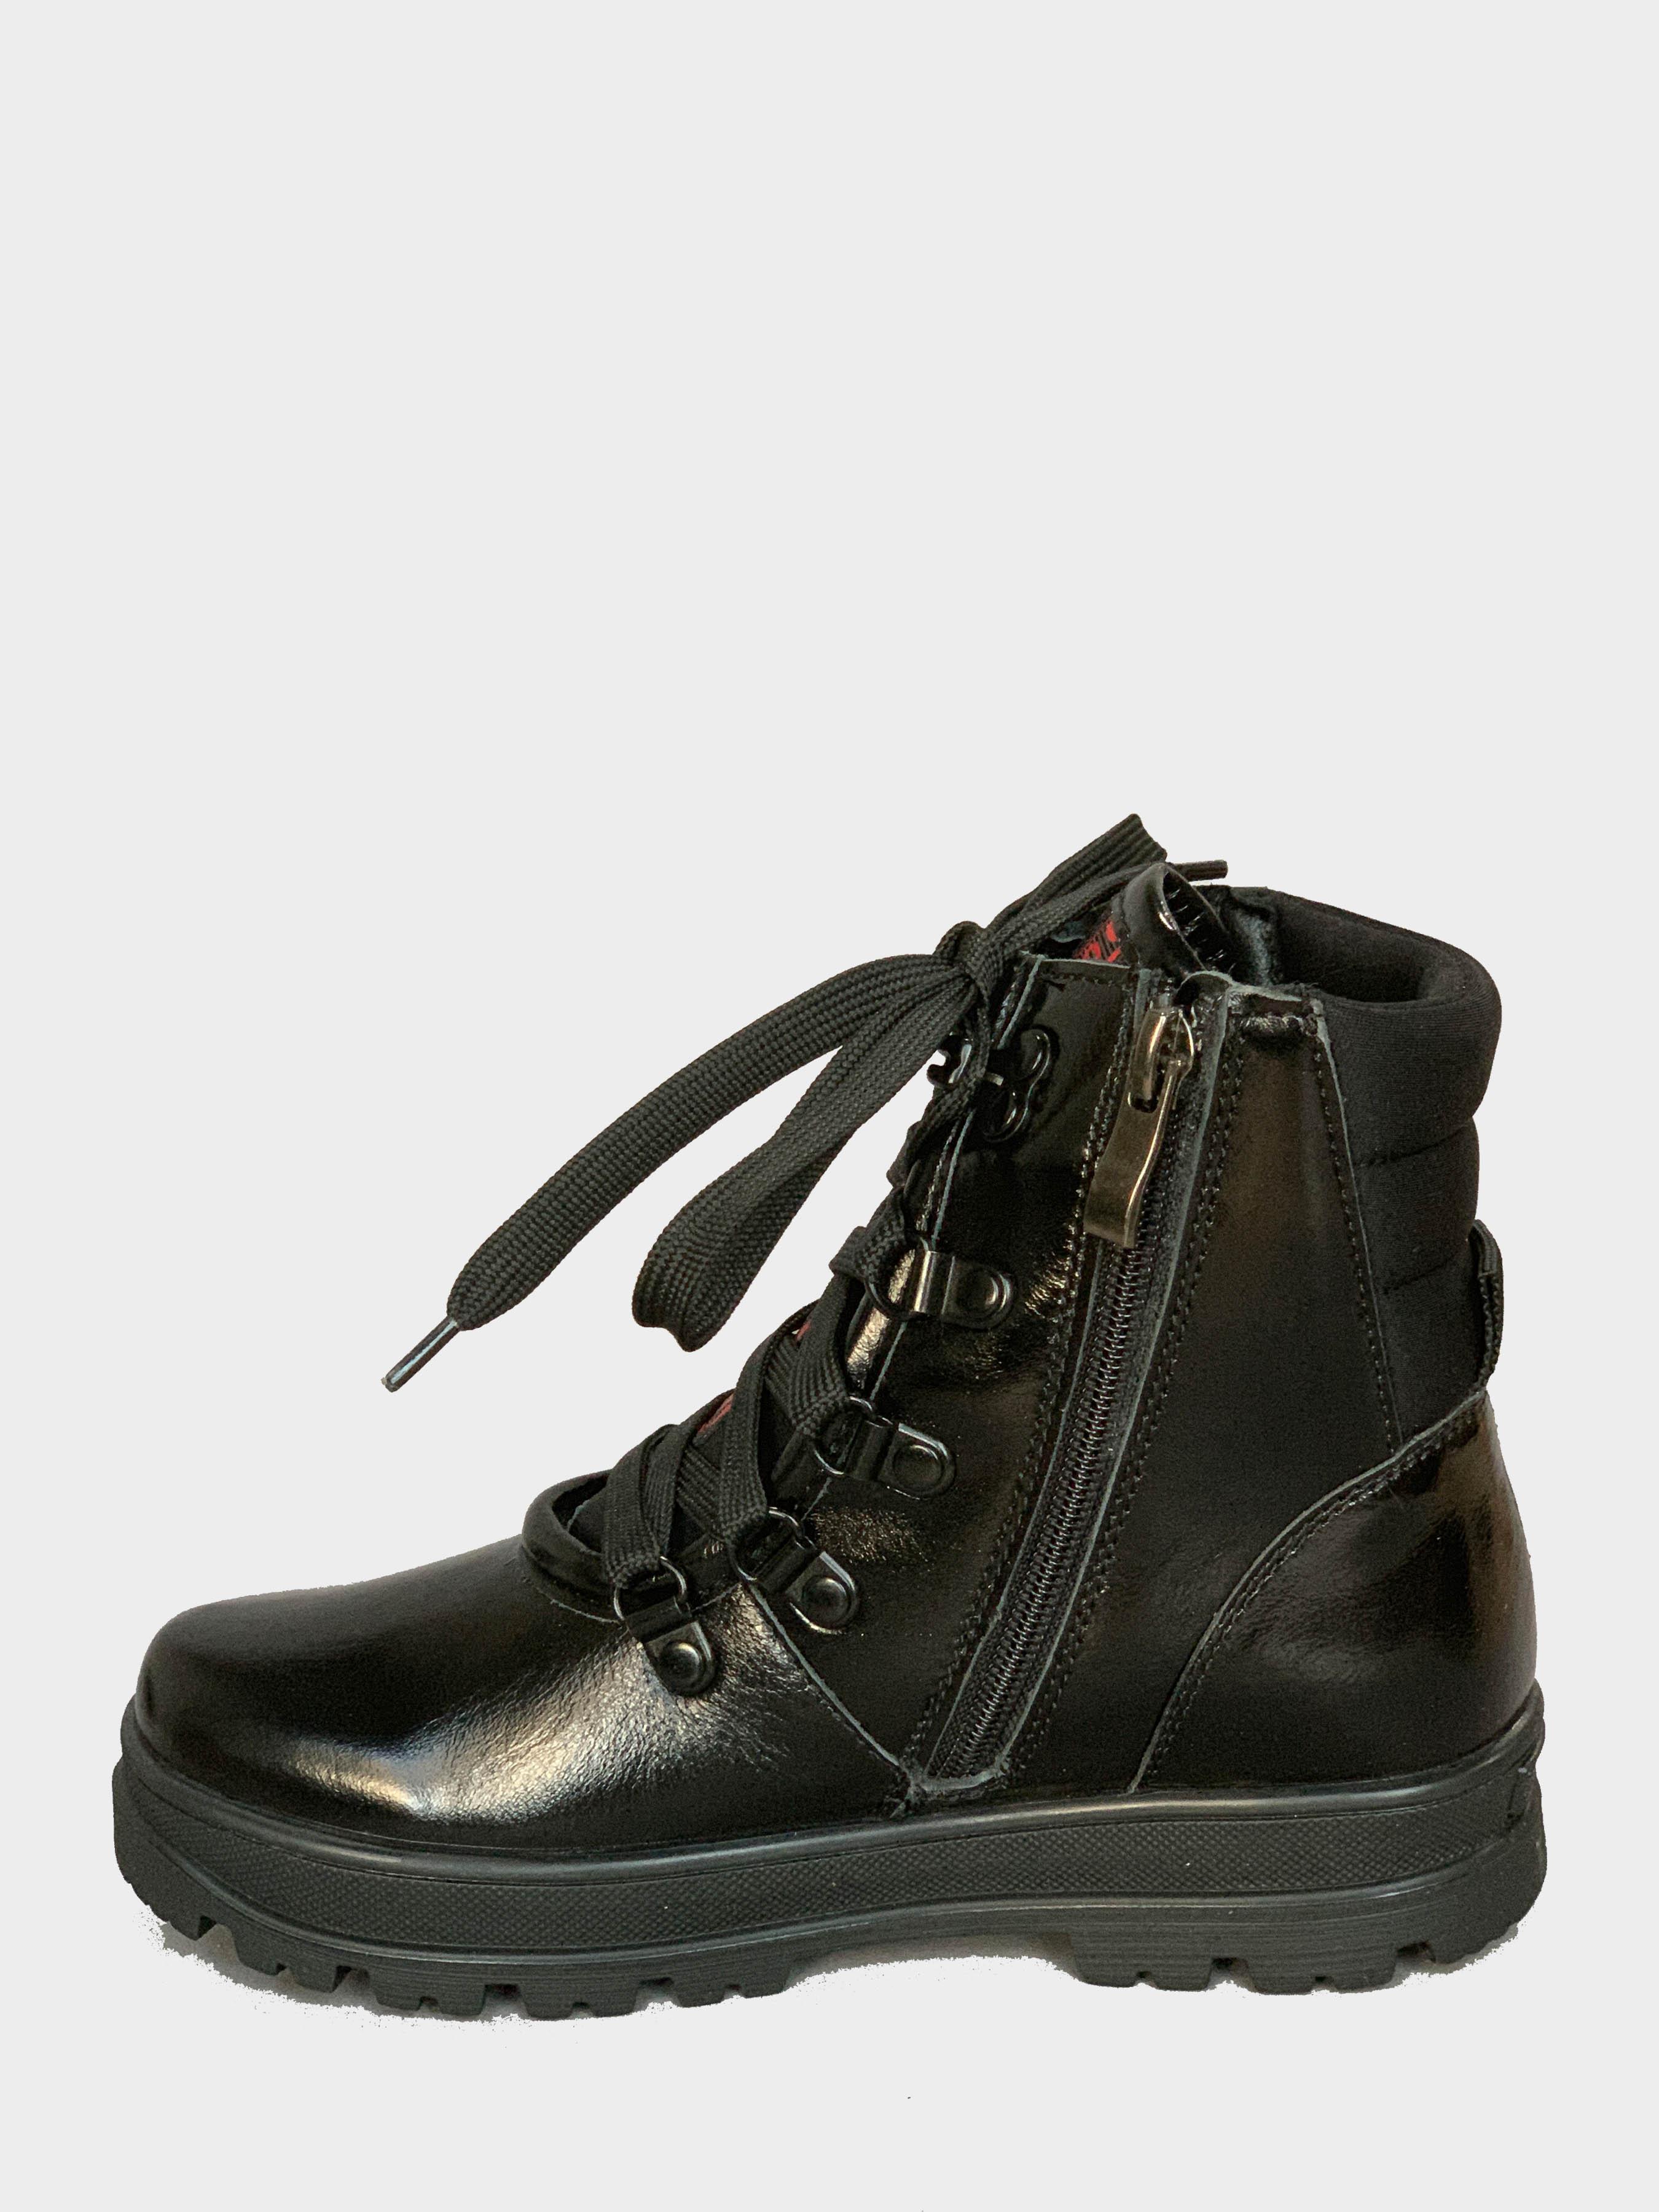 Ботинки для детей Berry Black 217-2K стоимость, 2017